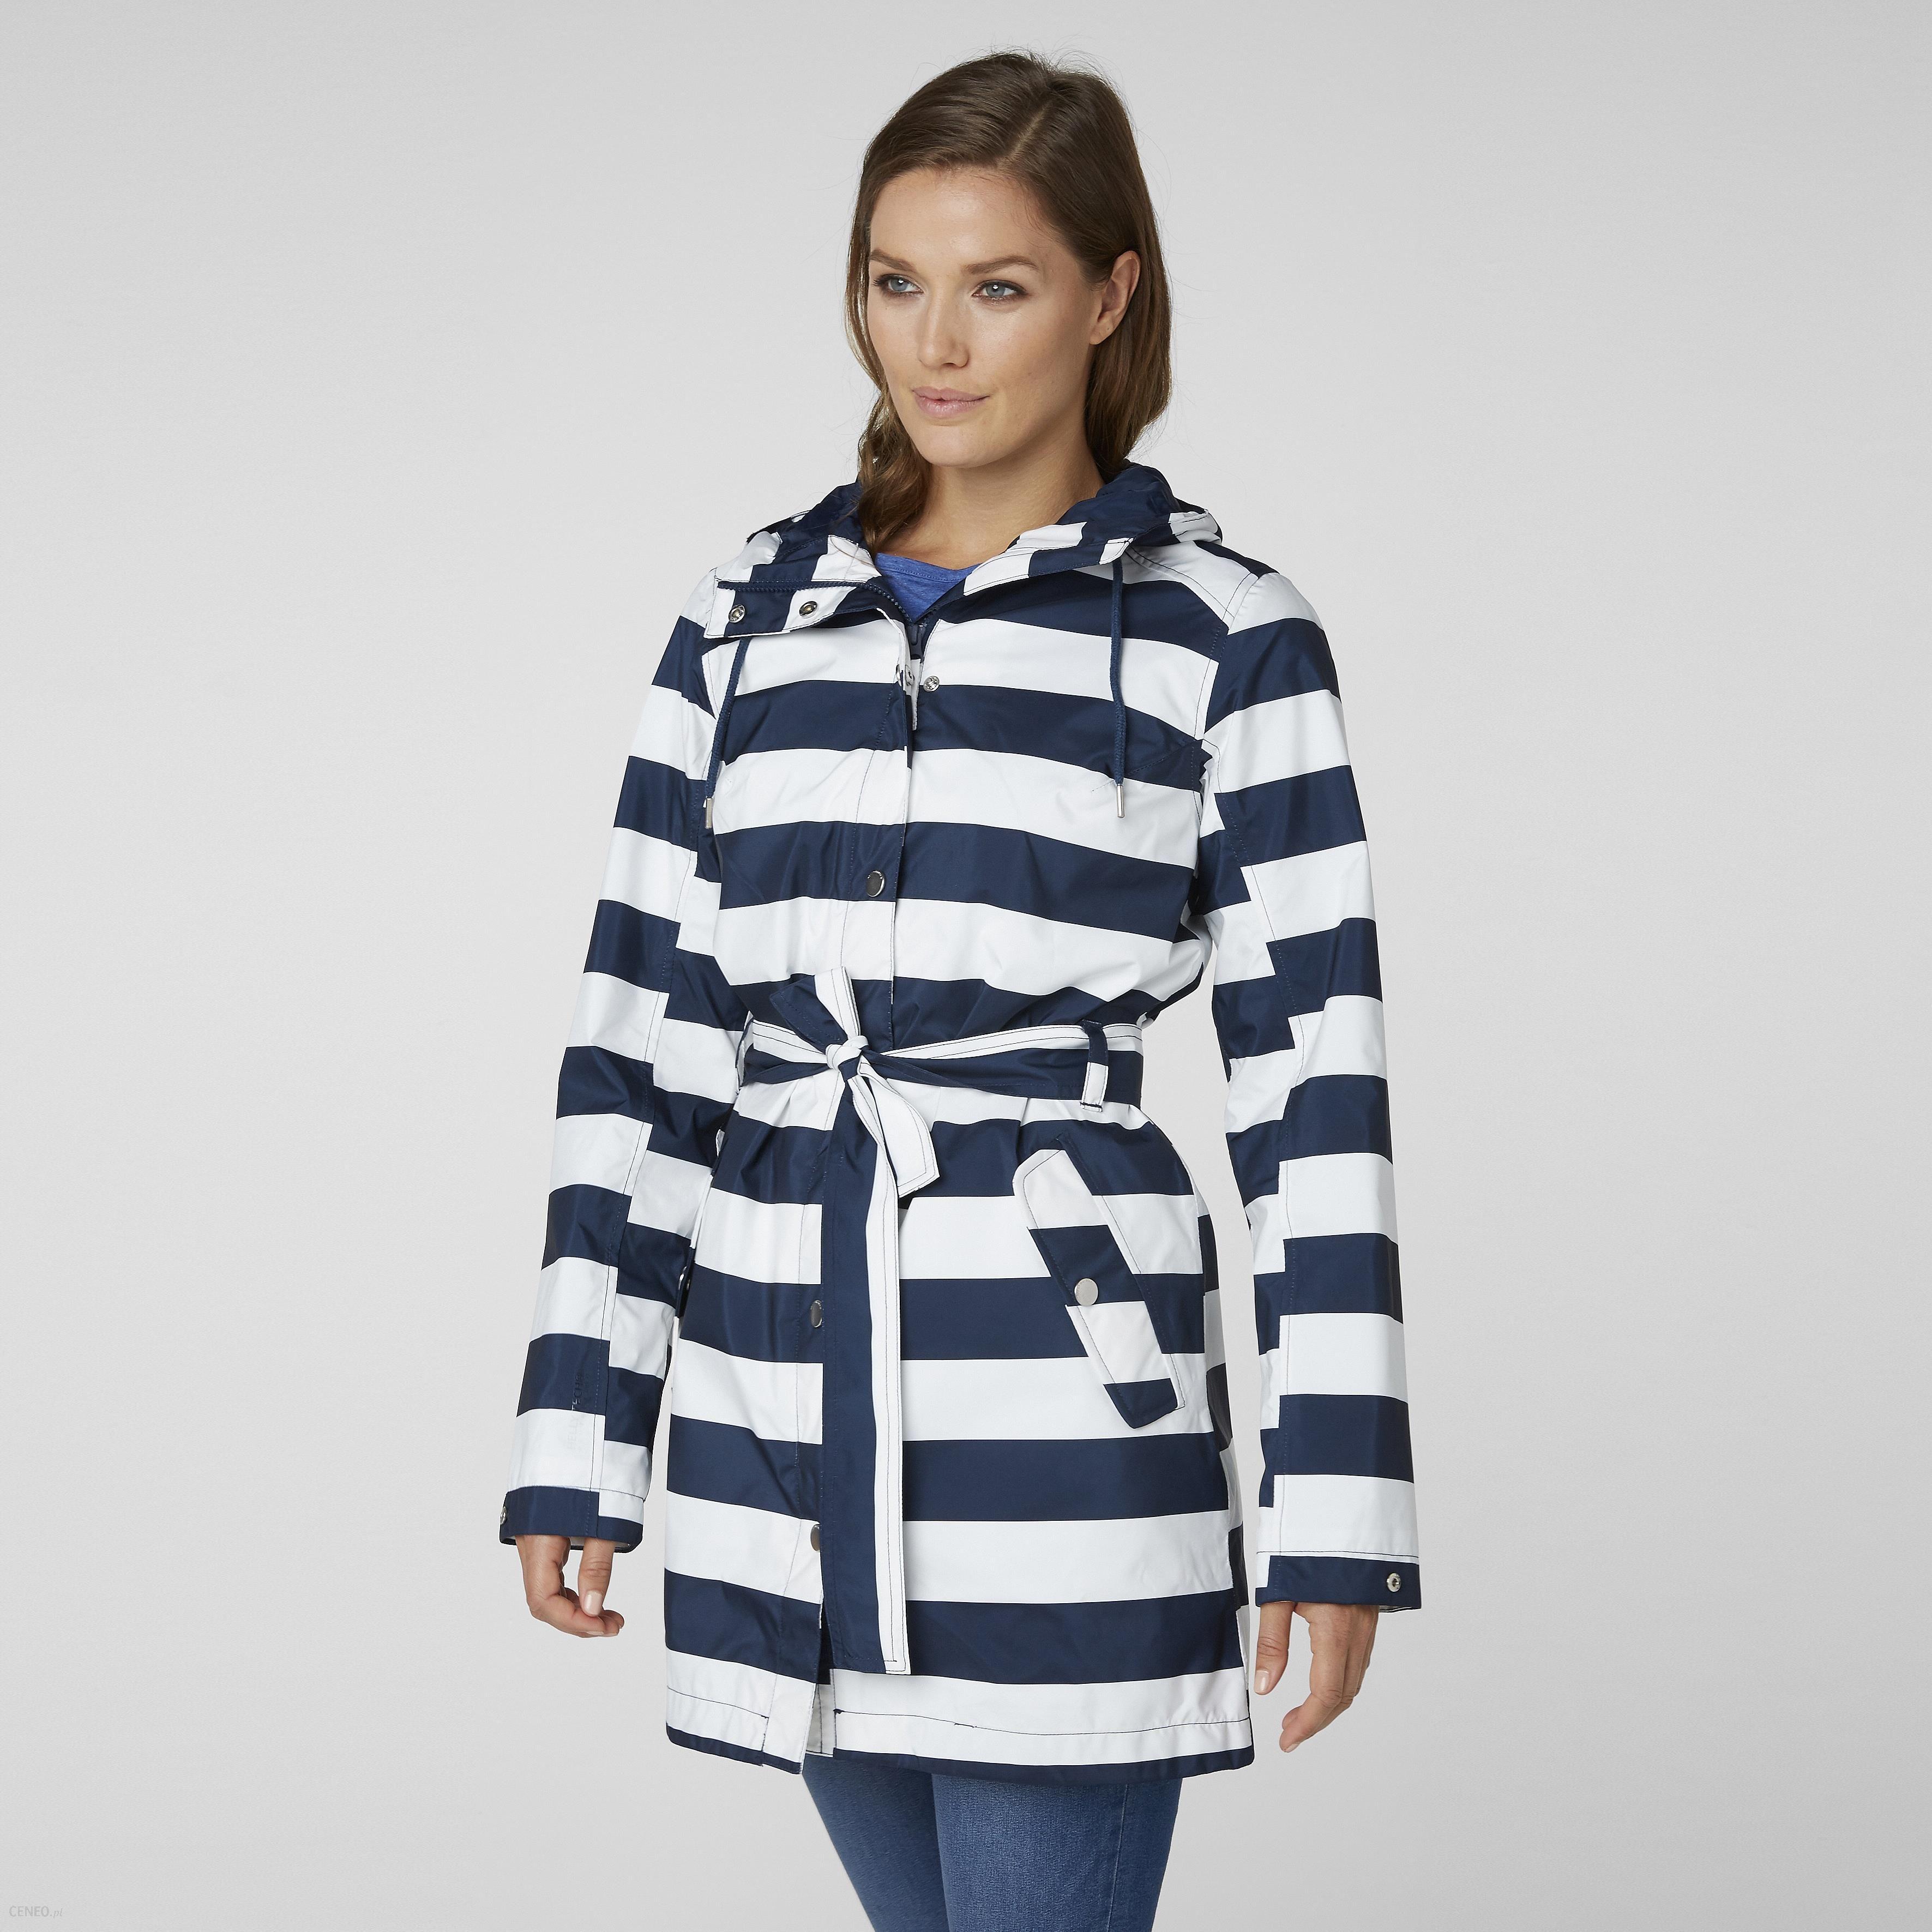 nowe style ceny odprawy nowe tanie Damski płaszcz LYNESS II 53248_690 Helly Hansen